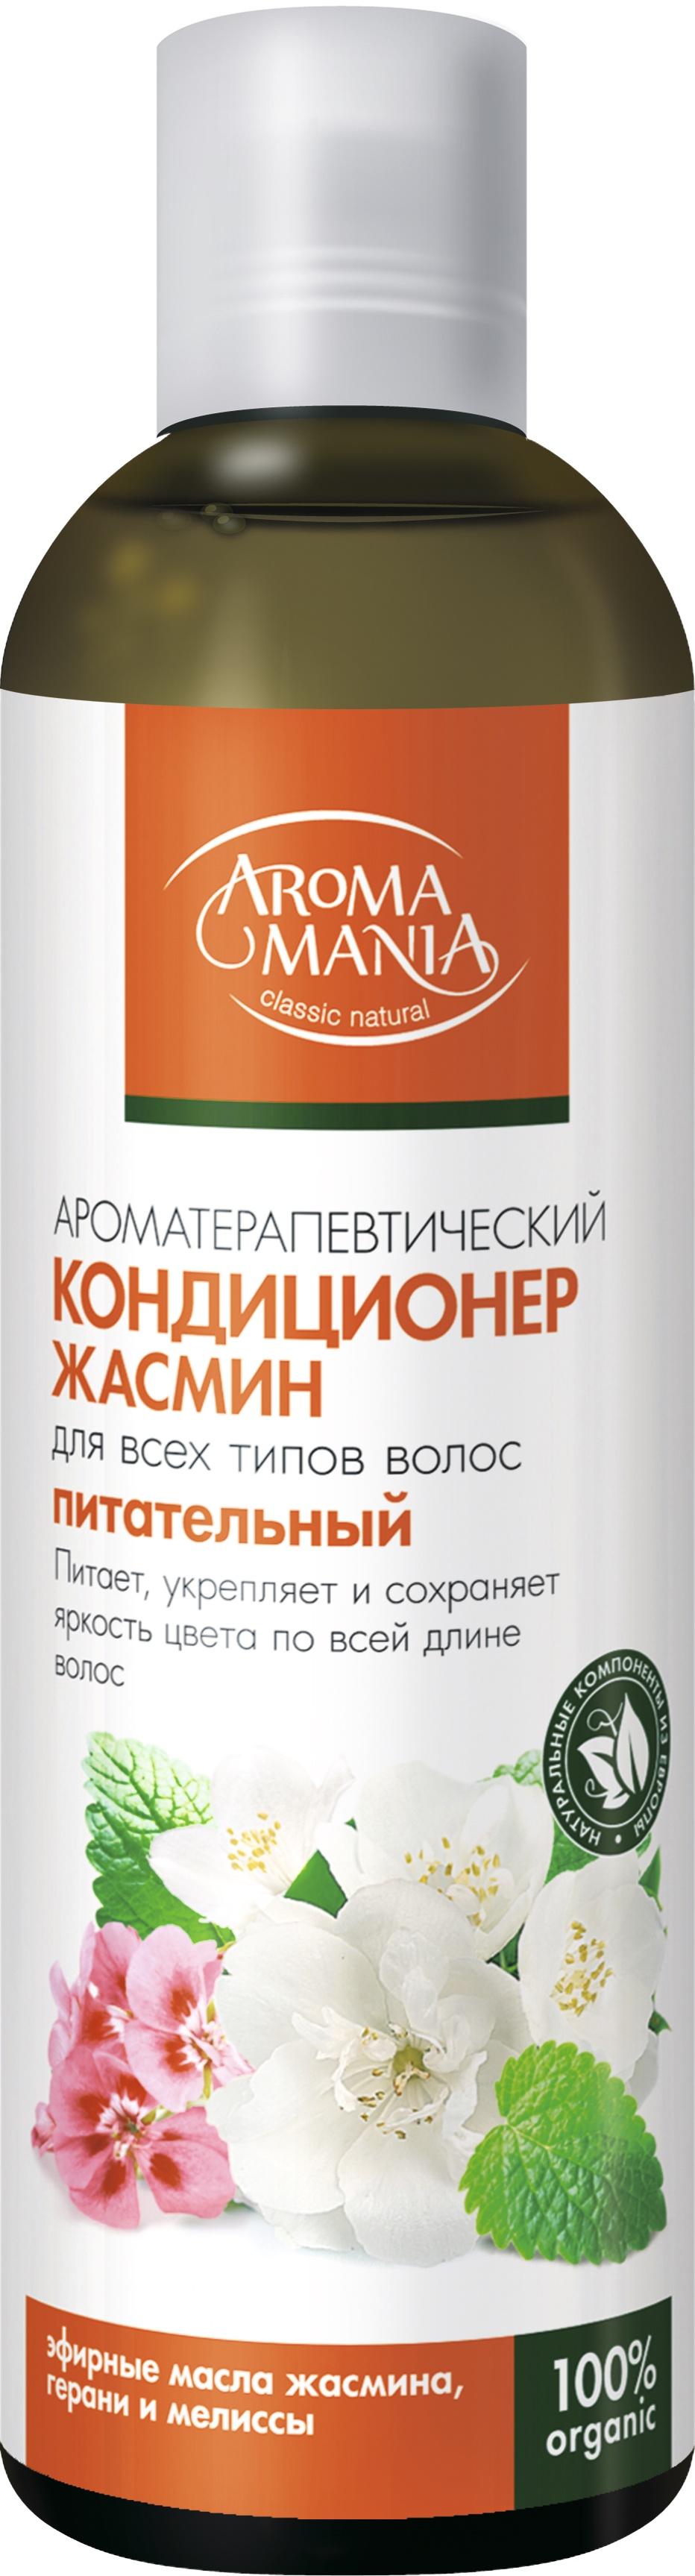 Кондиционер для волос AROMA MANIA Жасмин 250 мл